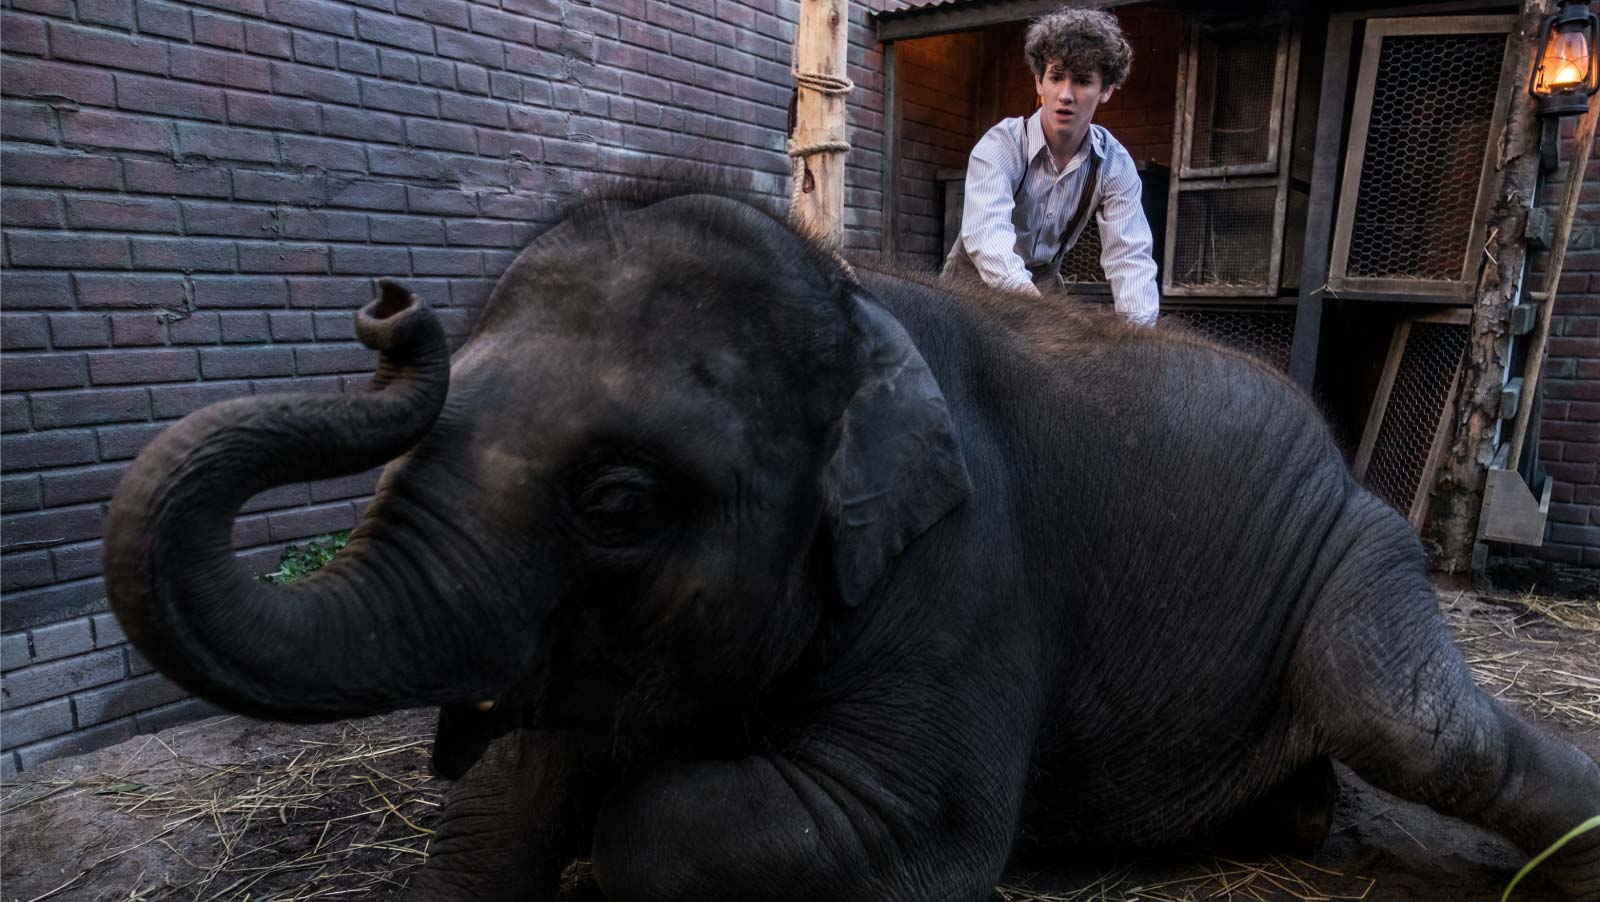 Elephants dream dublado online dating